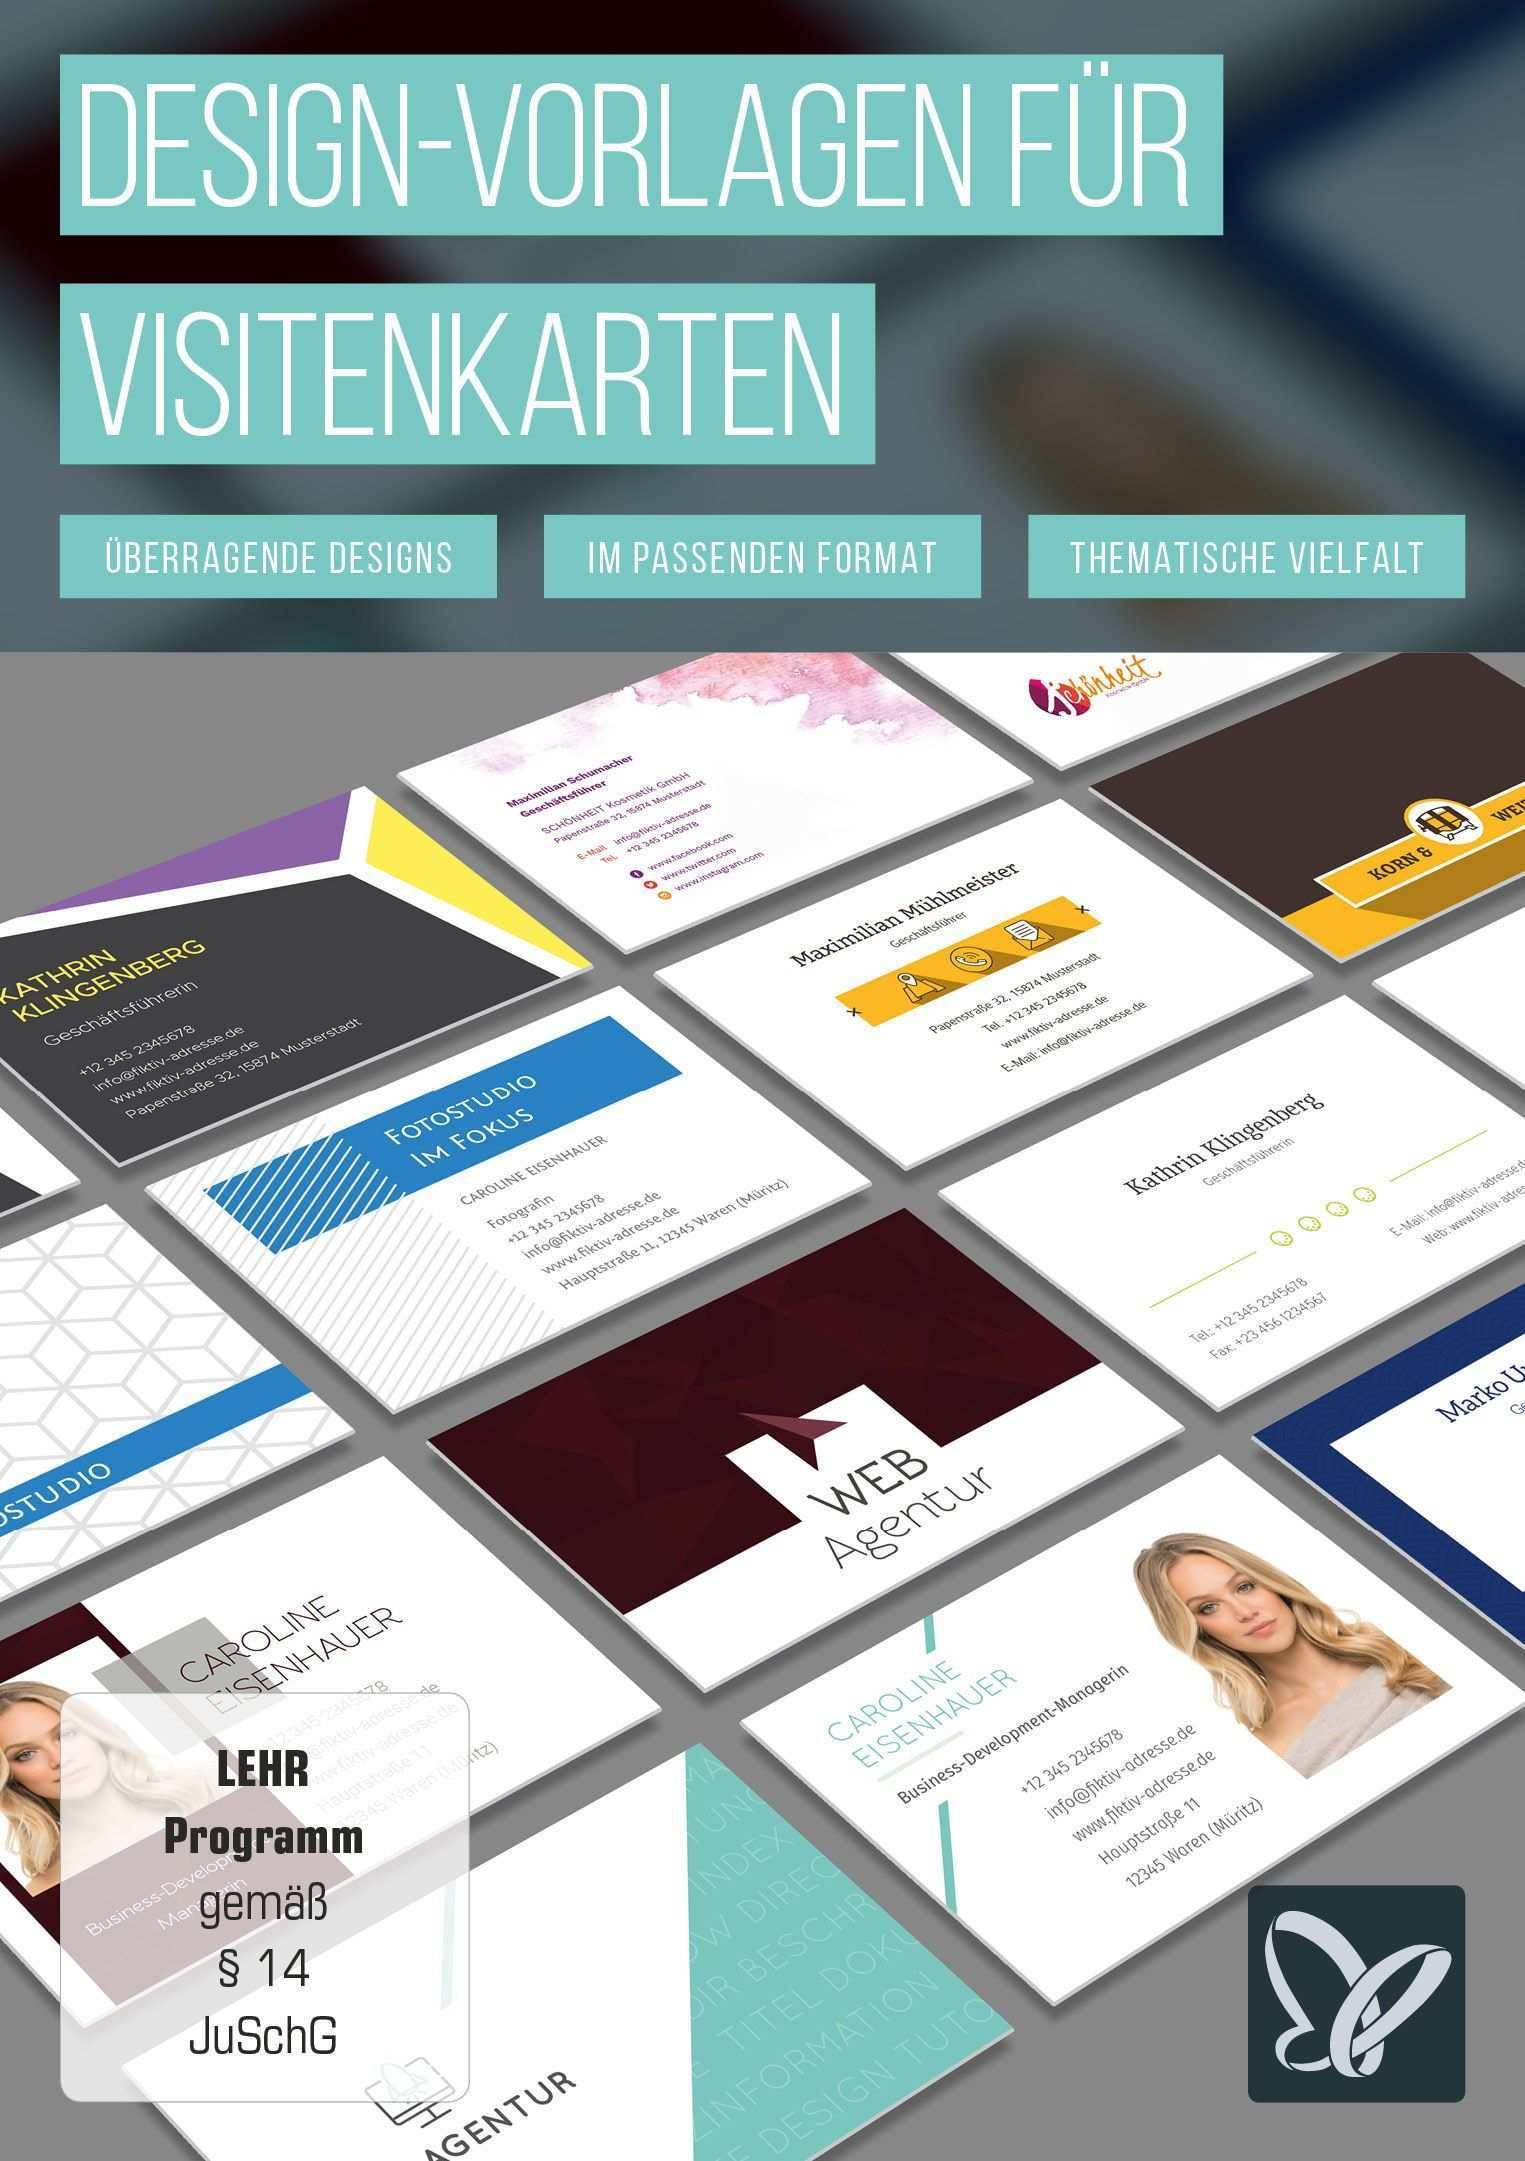 Design Vorlagen Fur Visitenkarten Herunterladen Word Indesign Corel Visitenkarten Vorlagen Visitenkarten Hochwertige Visitenkarten